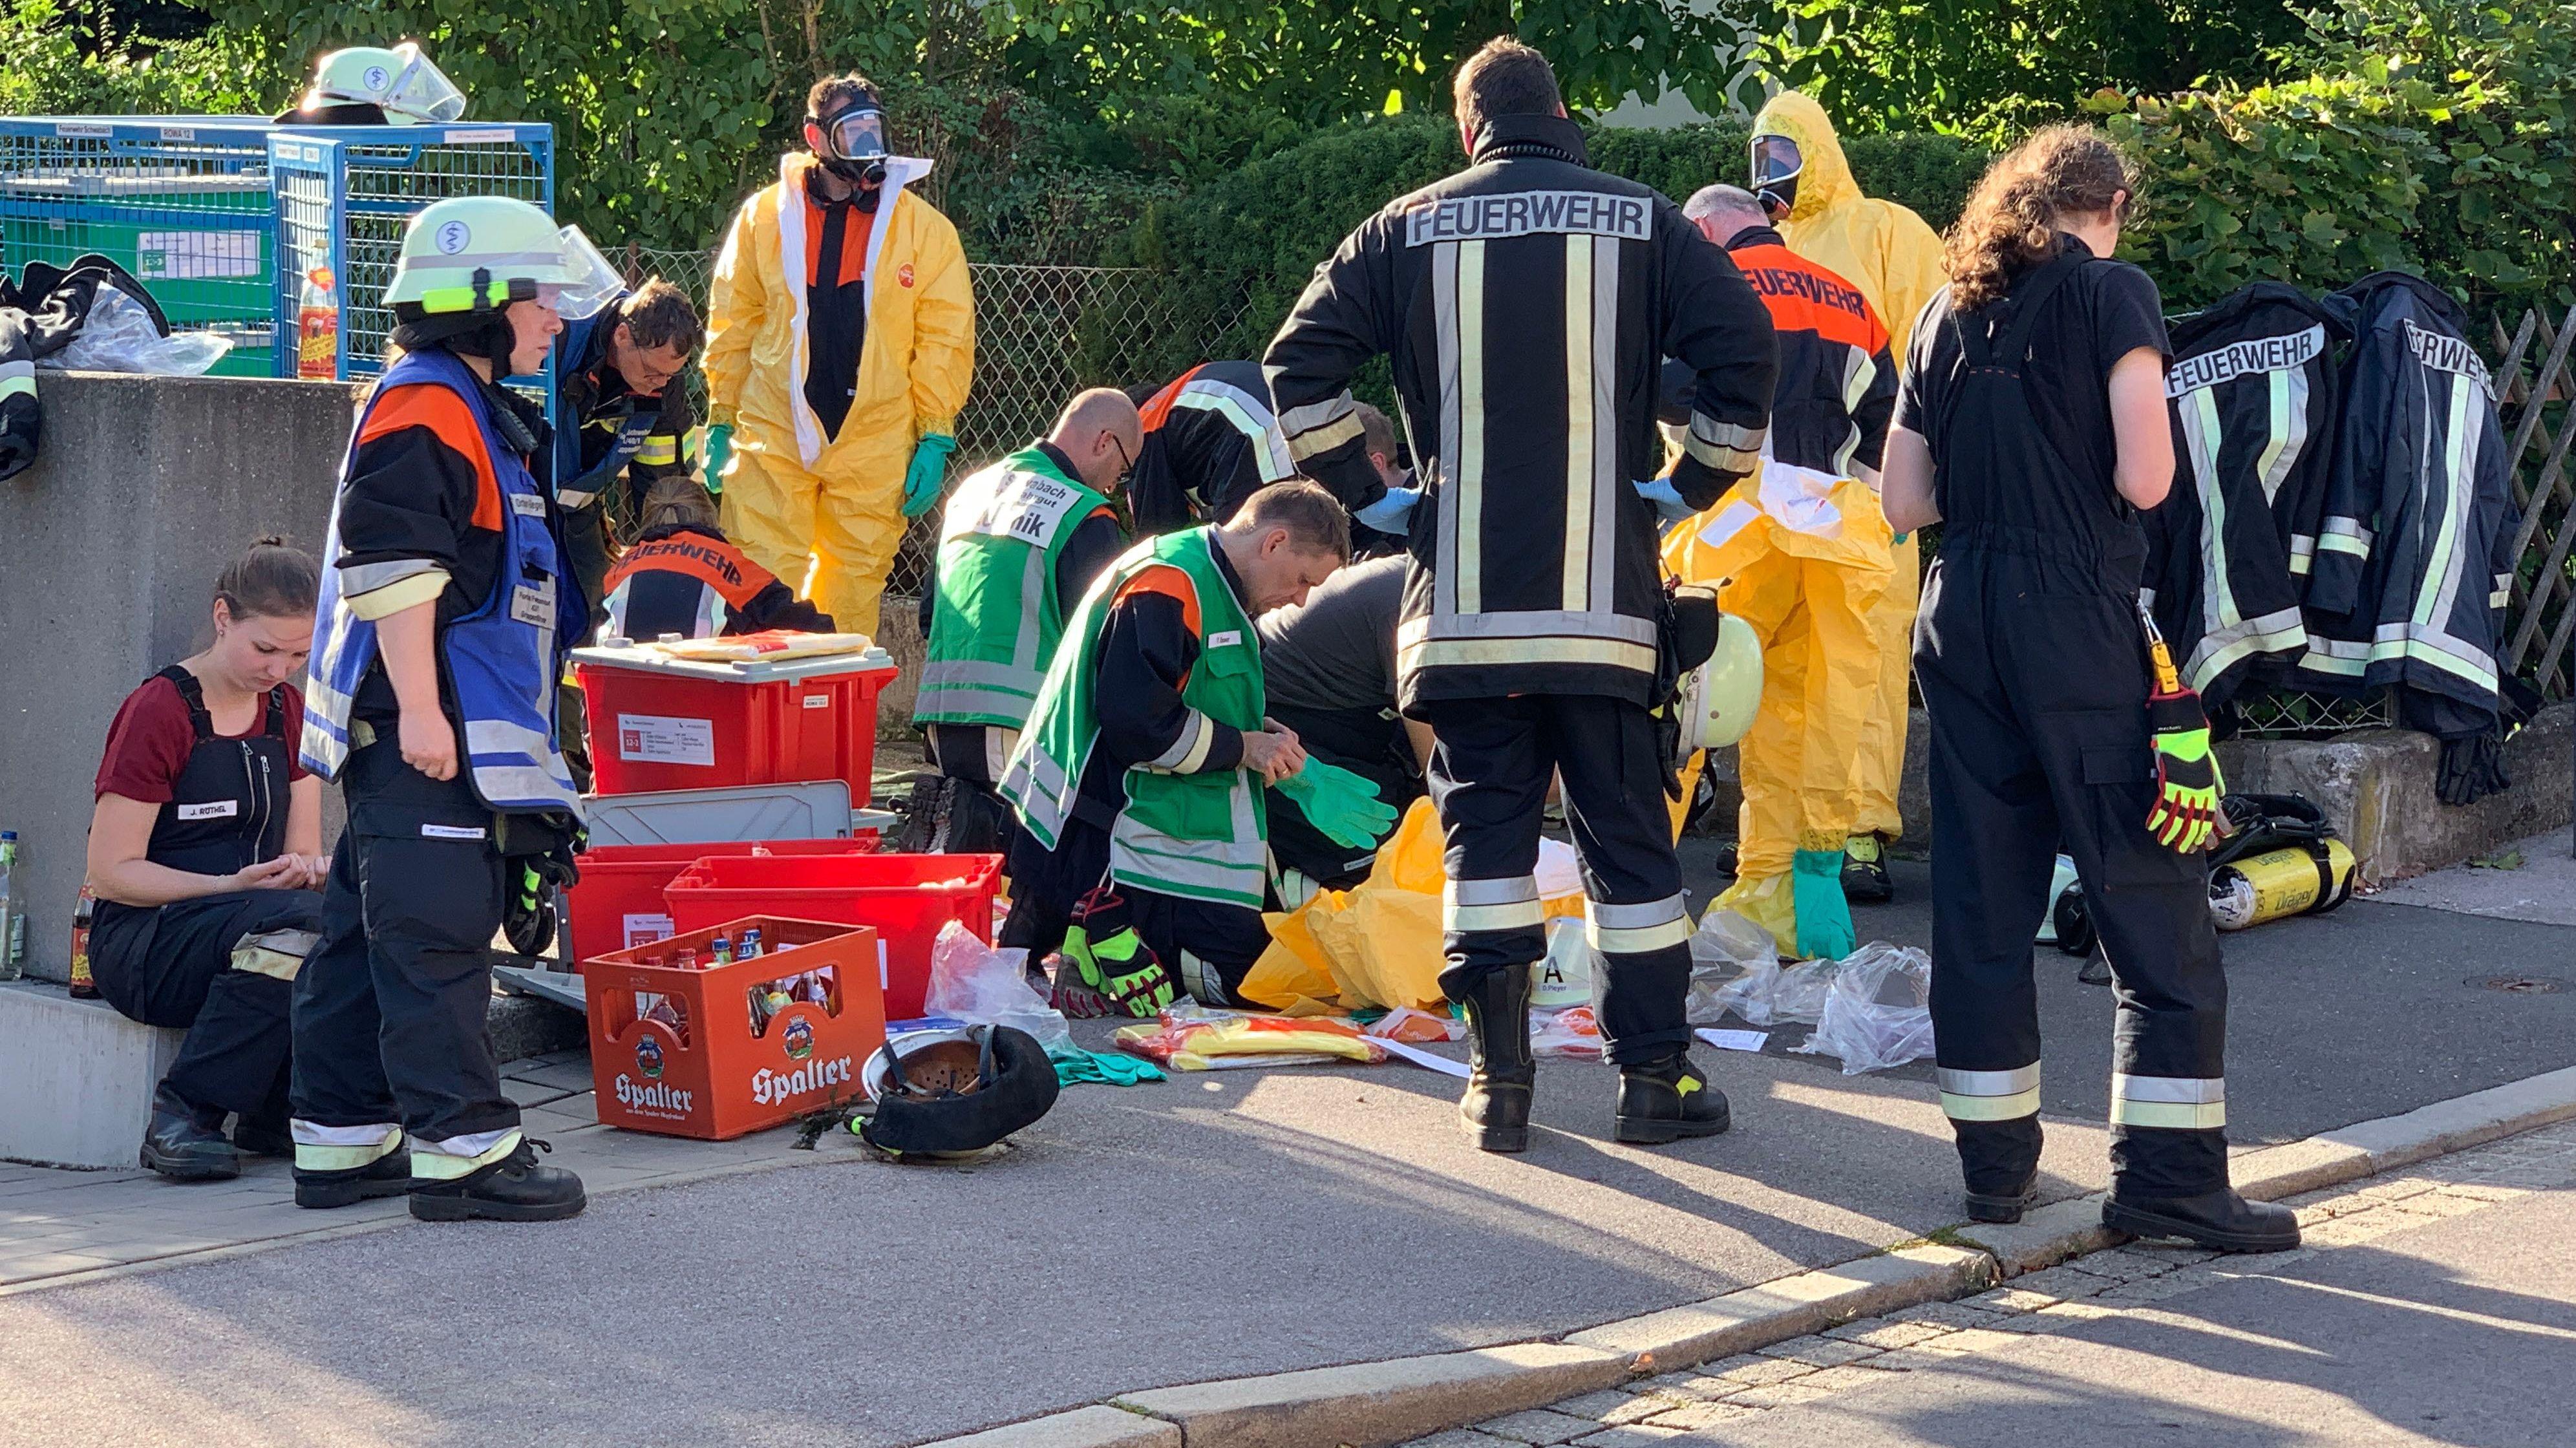 Großeinsatz in Schwabach: Dort hatte ein Mann eine unbekannte Flüssigkeit verspritzt und sieben Menschen verletzt.